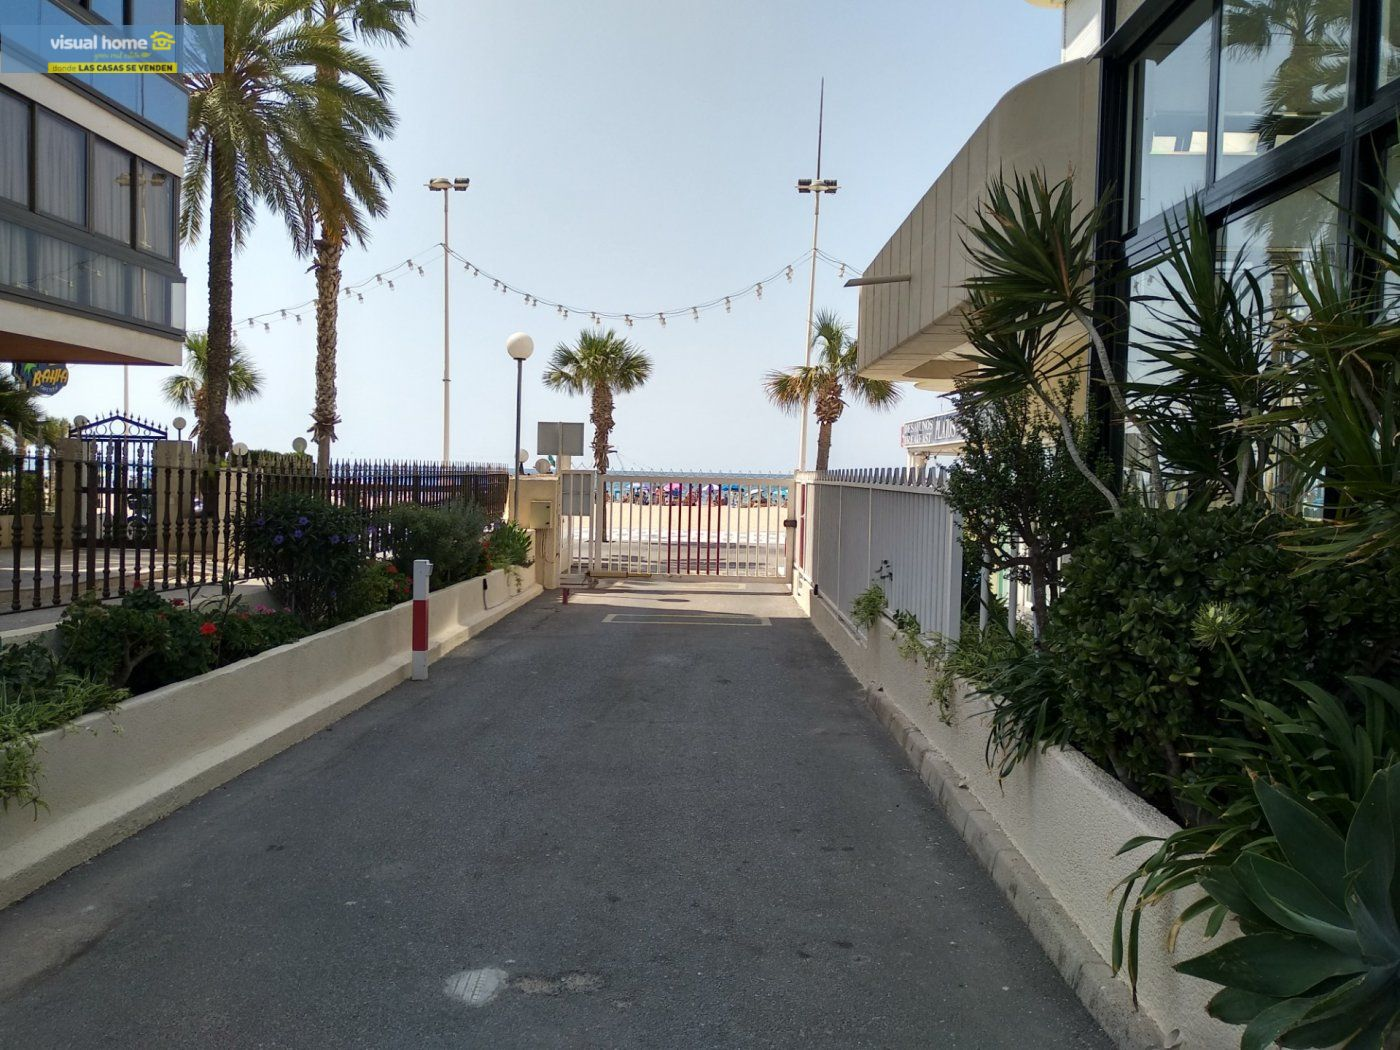 Apartamento de 1 dormitorio con espectaculares vistas  en 1ª linea de playa con parking y piscina 34